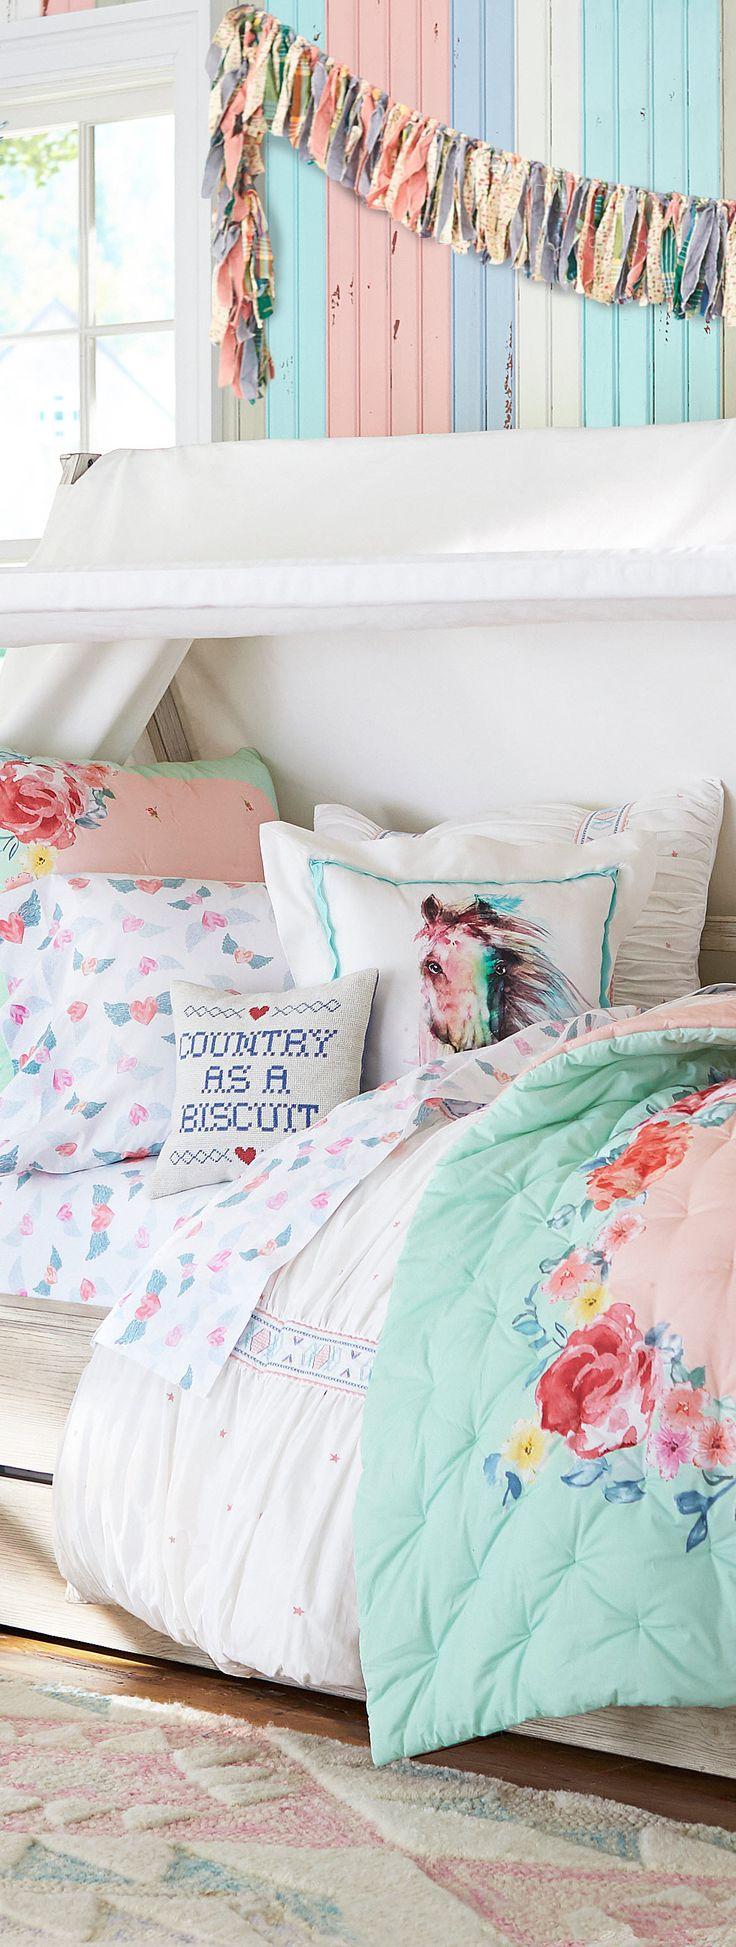 73 Best Children S Bedroom Ideas Images On Pinterest: 207 Best Kids Rooms: Bedroom Design Ideas Images On